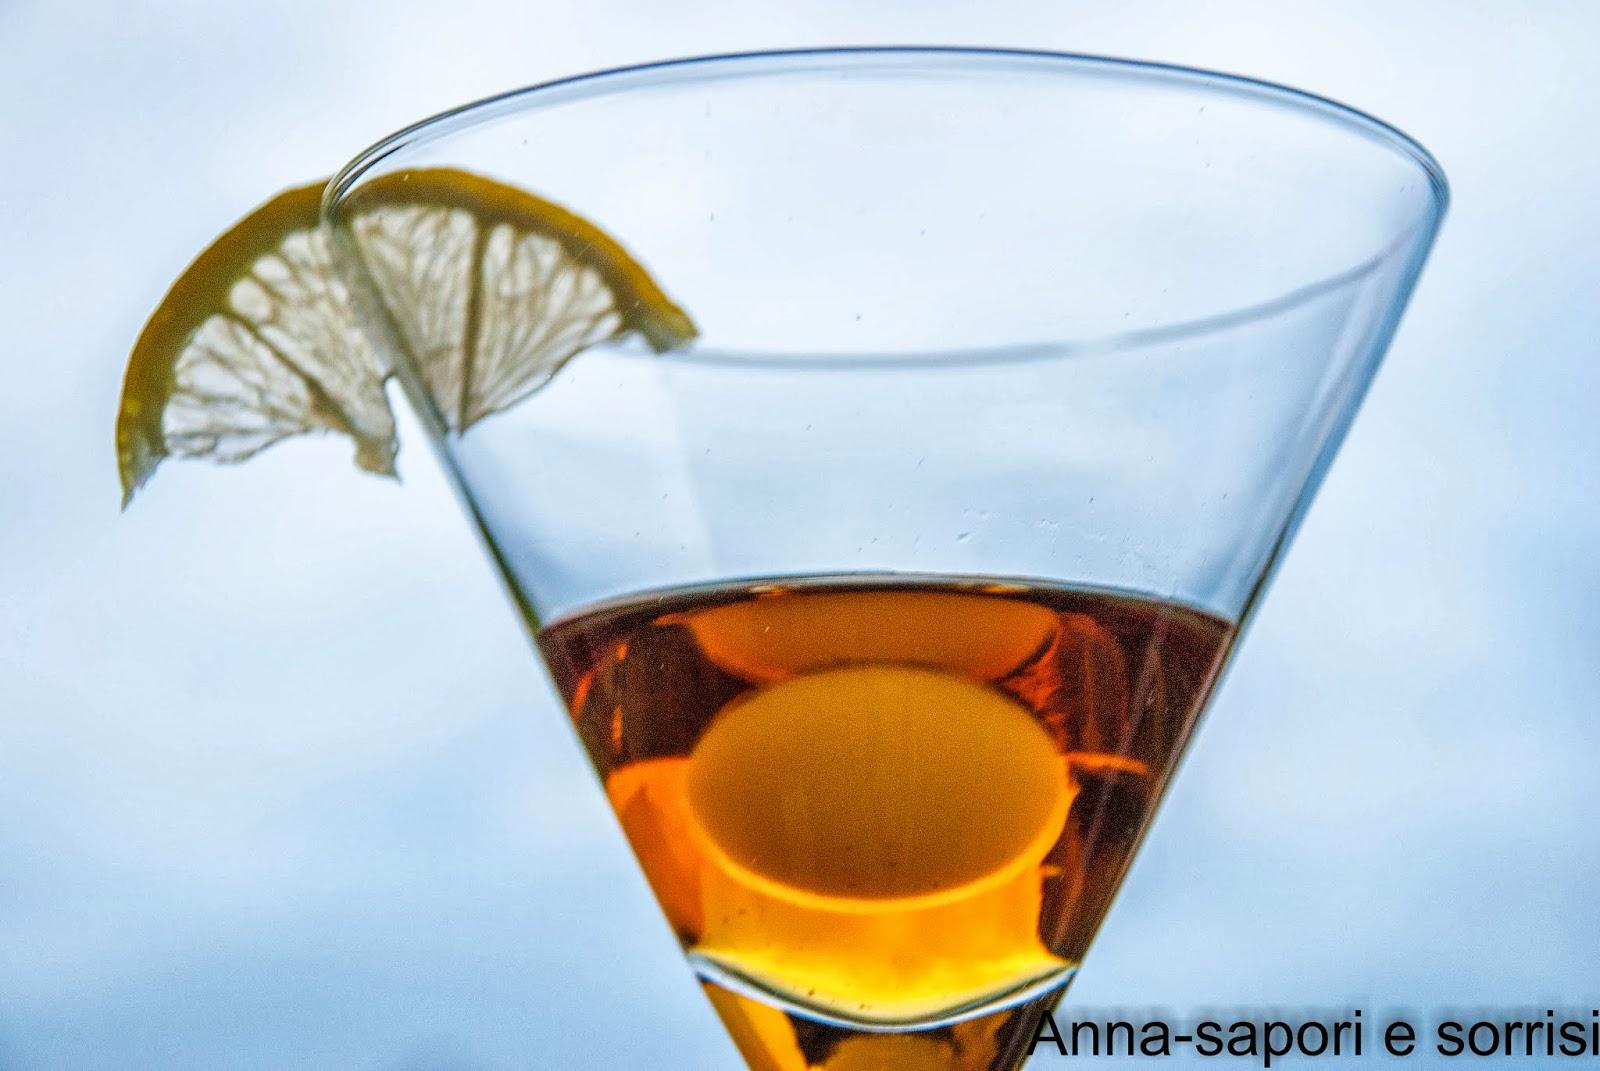 ANNA-SAPORI E SORRISI: Un tocco molecolare nelle mie ricette